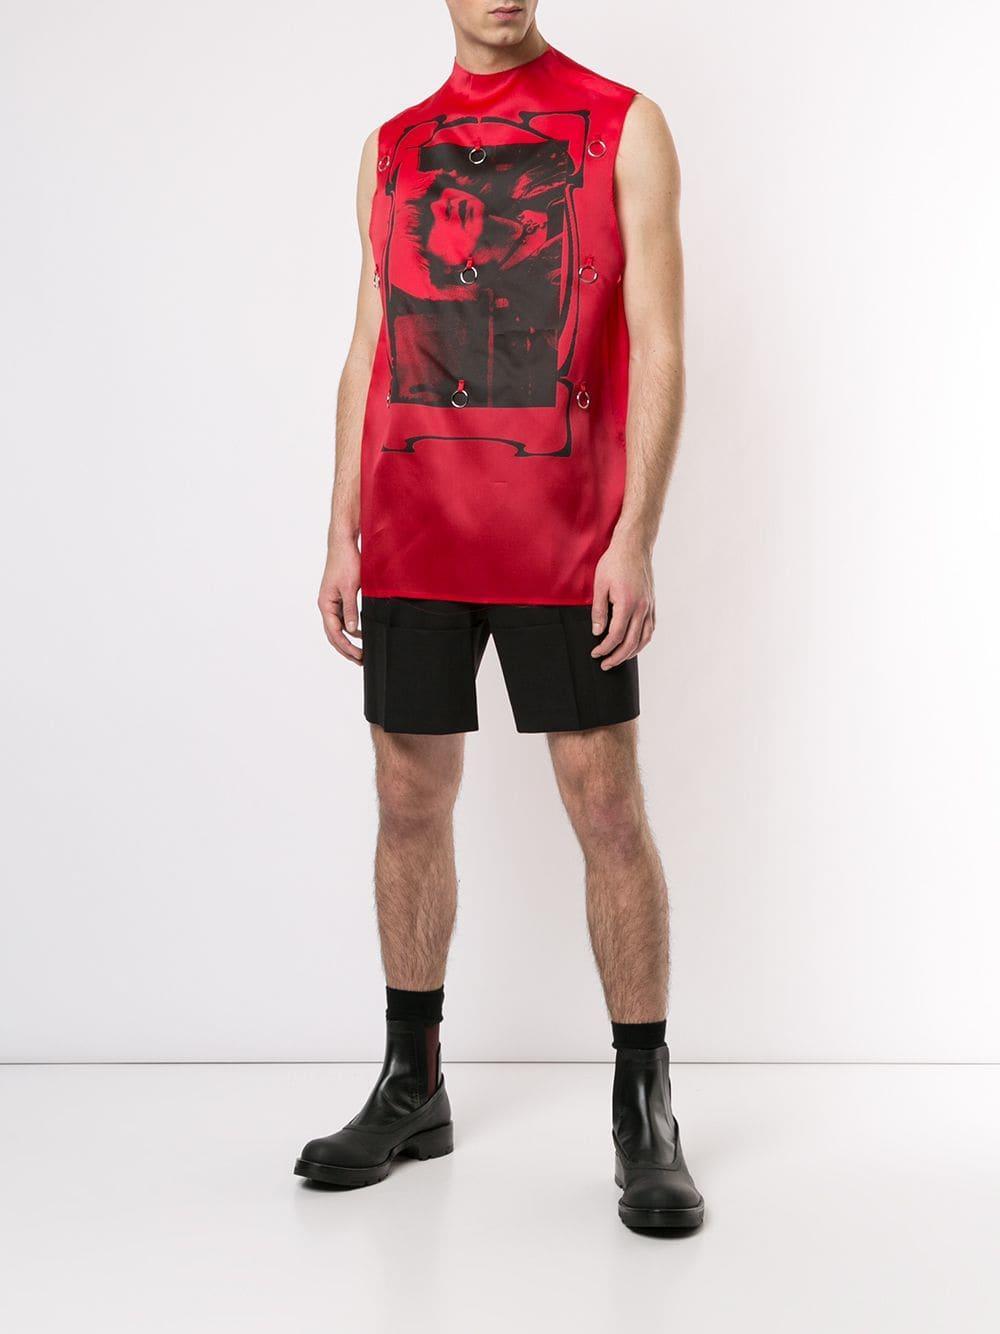 Raf Simons Zijde Tanktop Met Toyah Print in het Rood voor heren